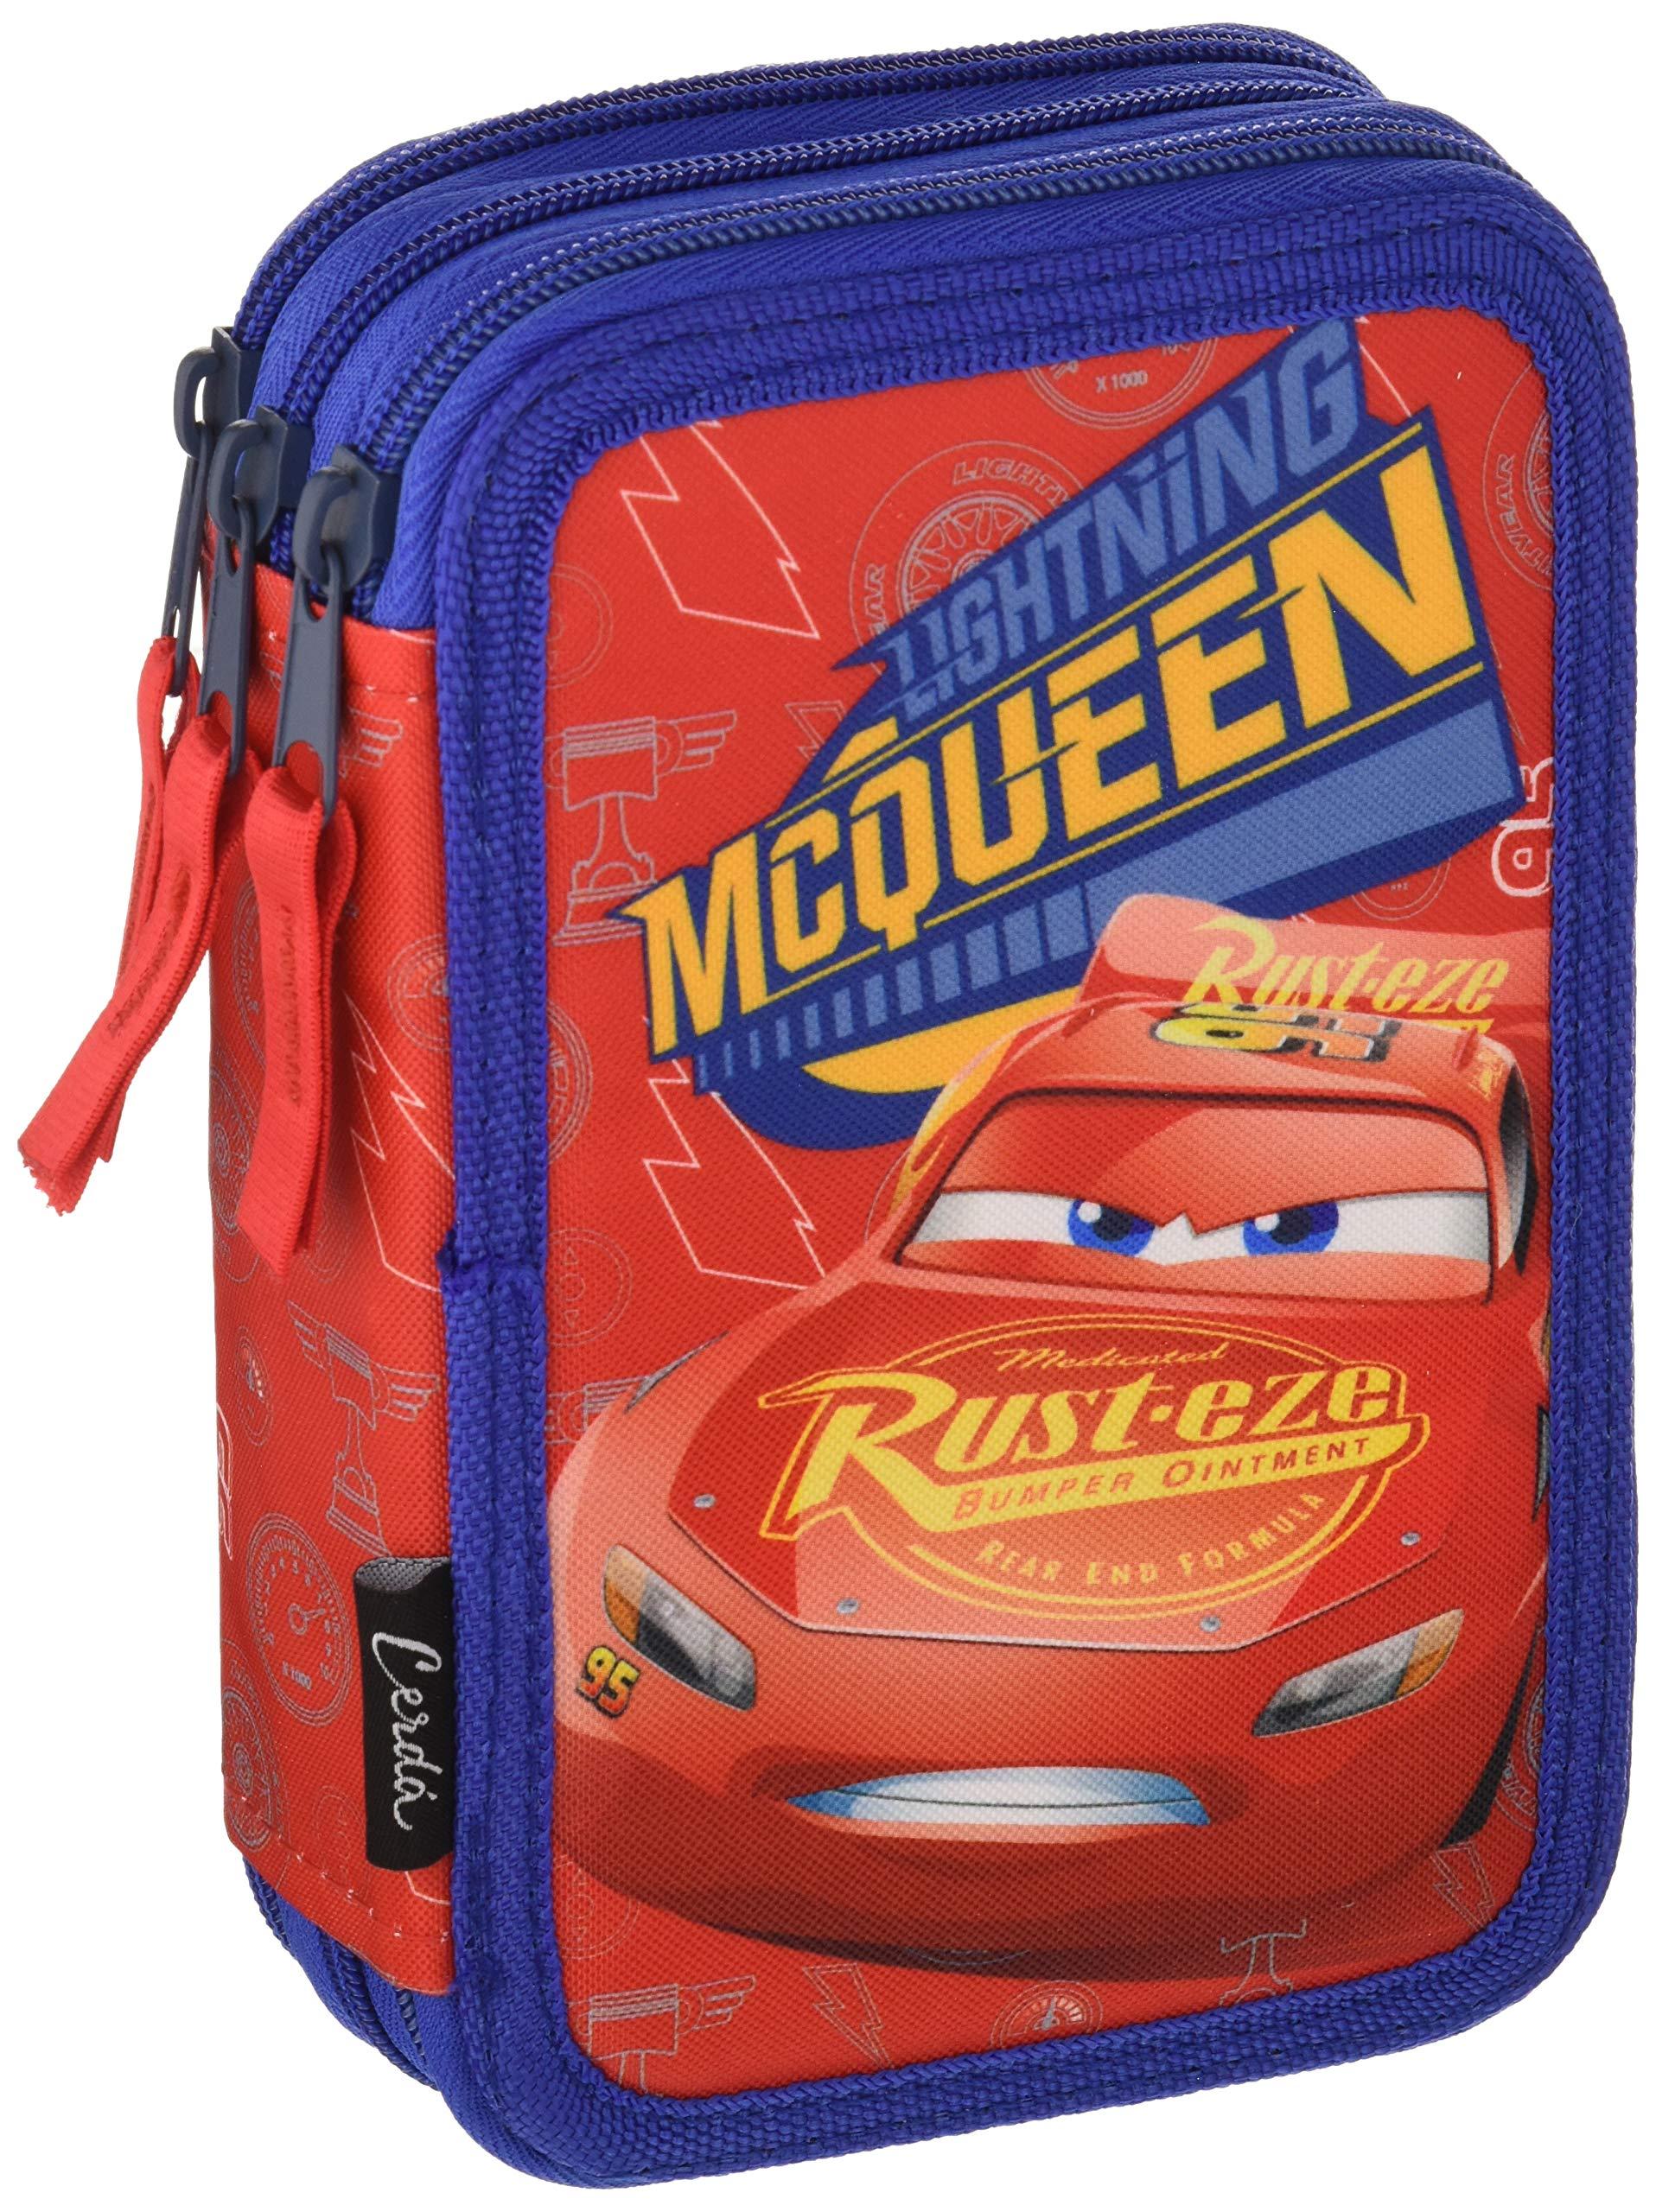 Cars Cars-2700000235 Plumier, Multicolor, 19 cm (Artesanía Cerdá CD-27-0235)